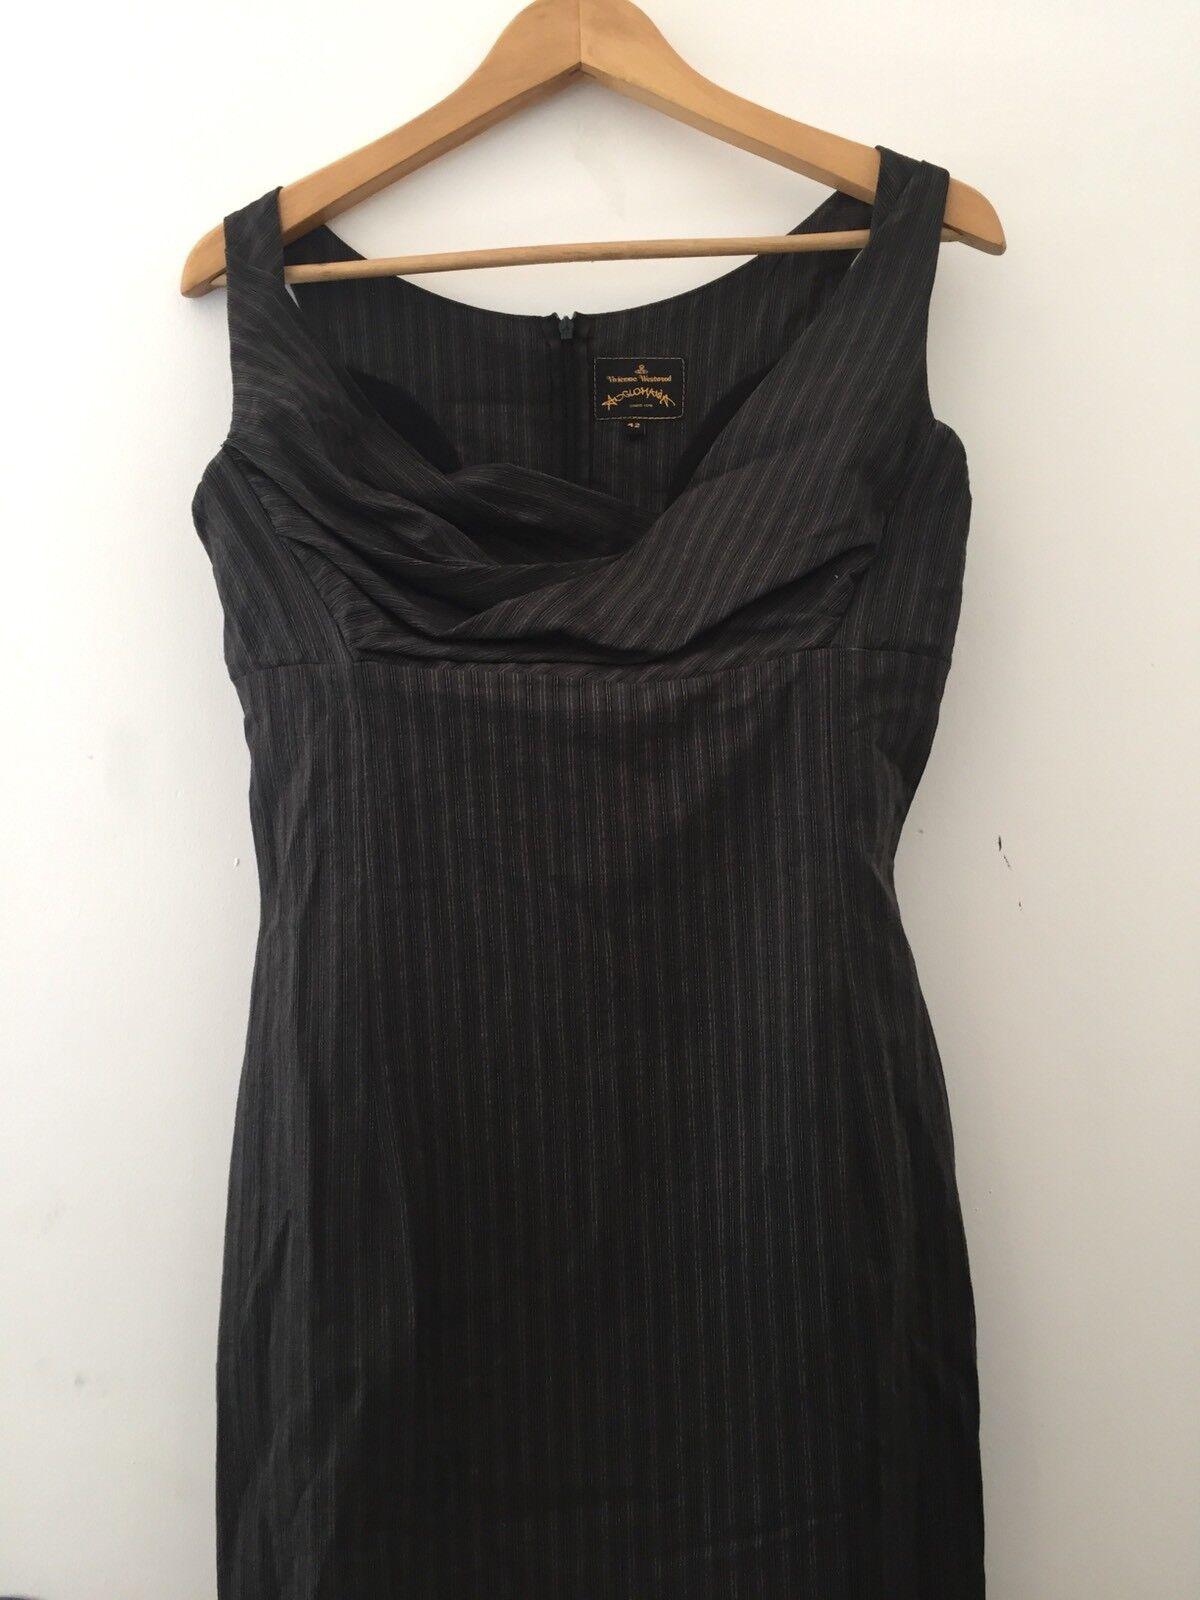 Vivienne Westwood Vintage Dress Made In